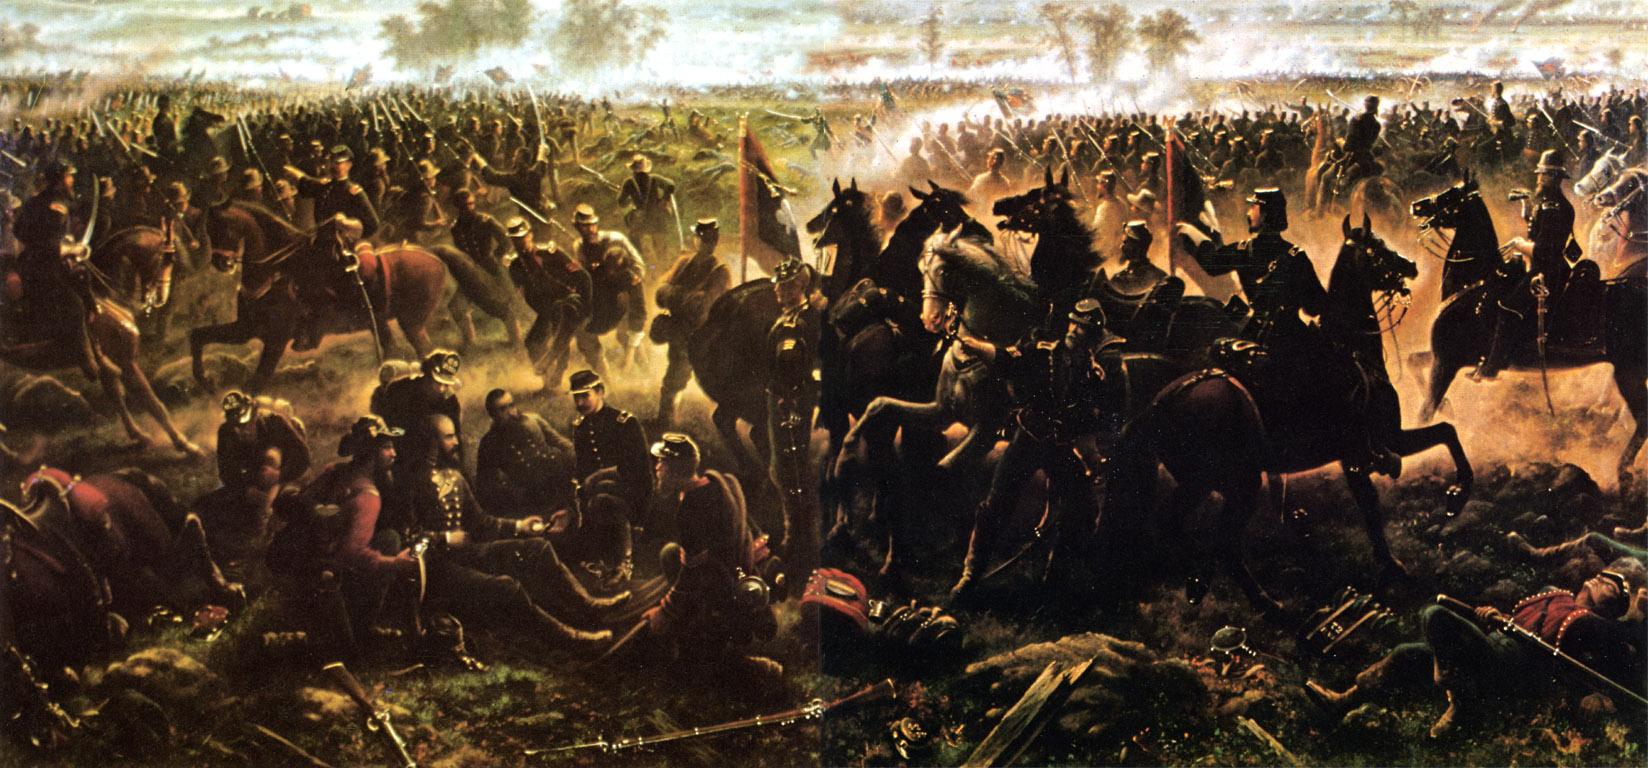 Картинки по запросу битва при геттисберге. фото